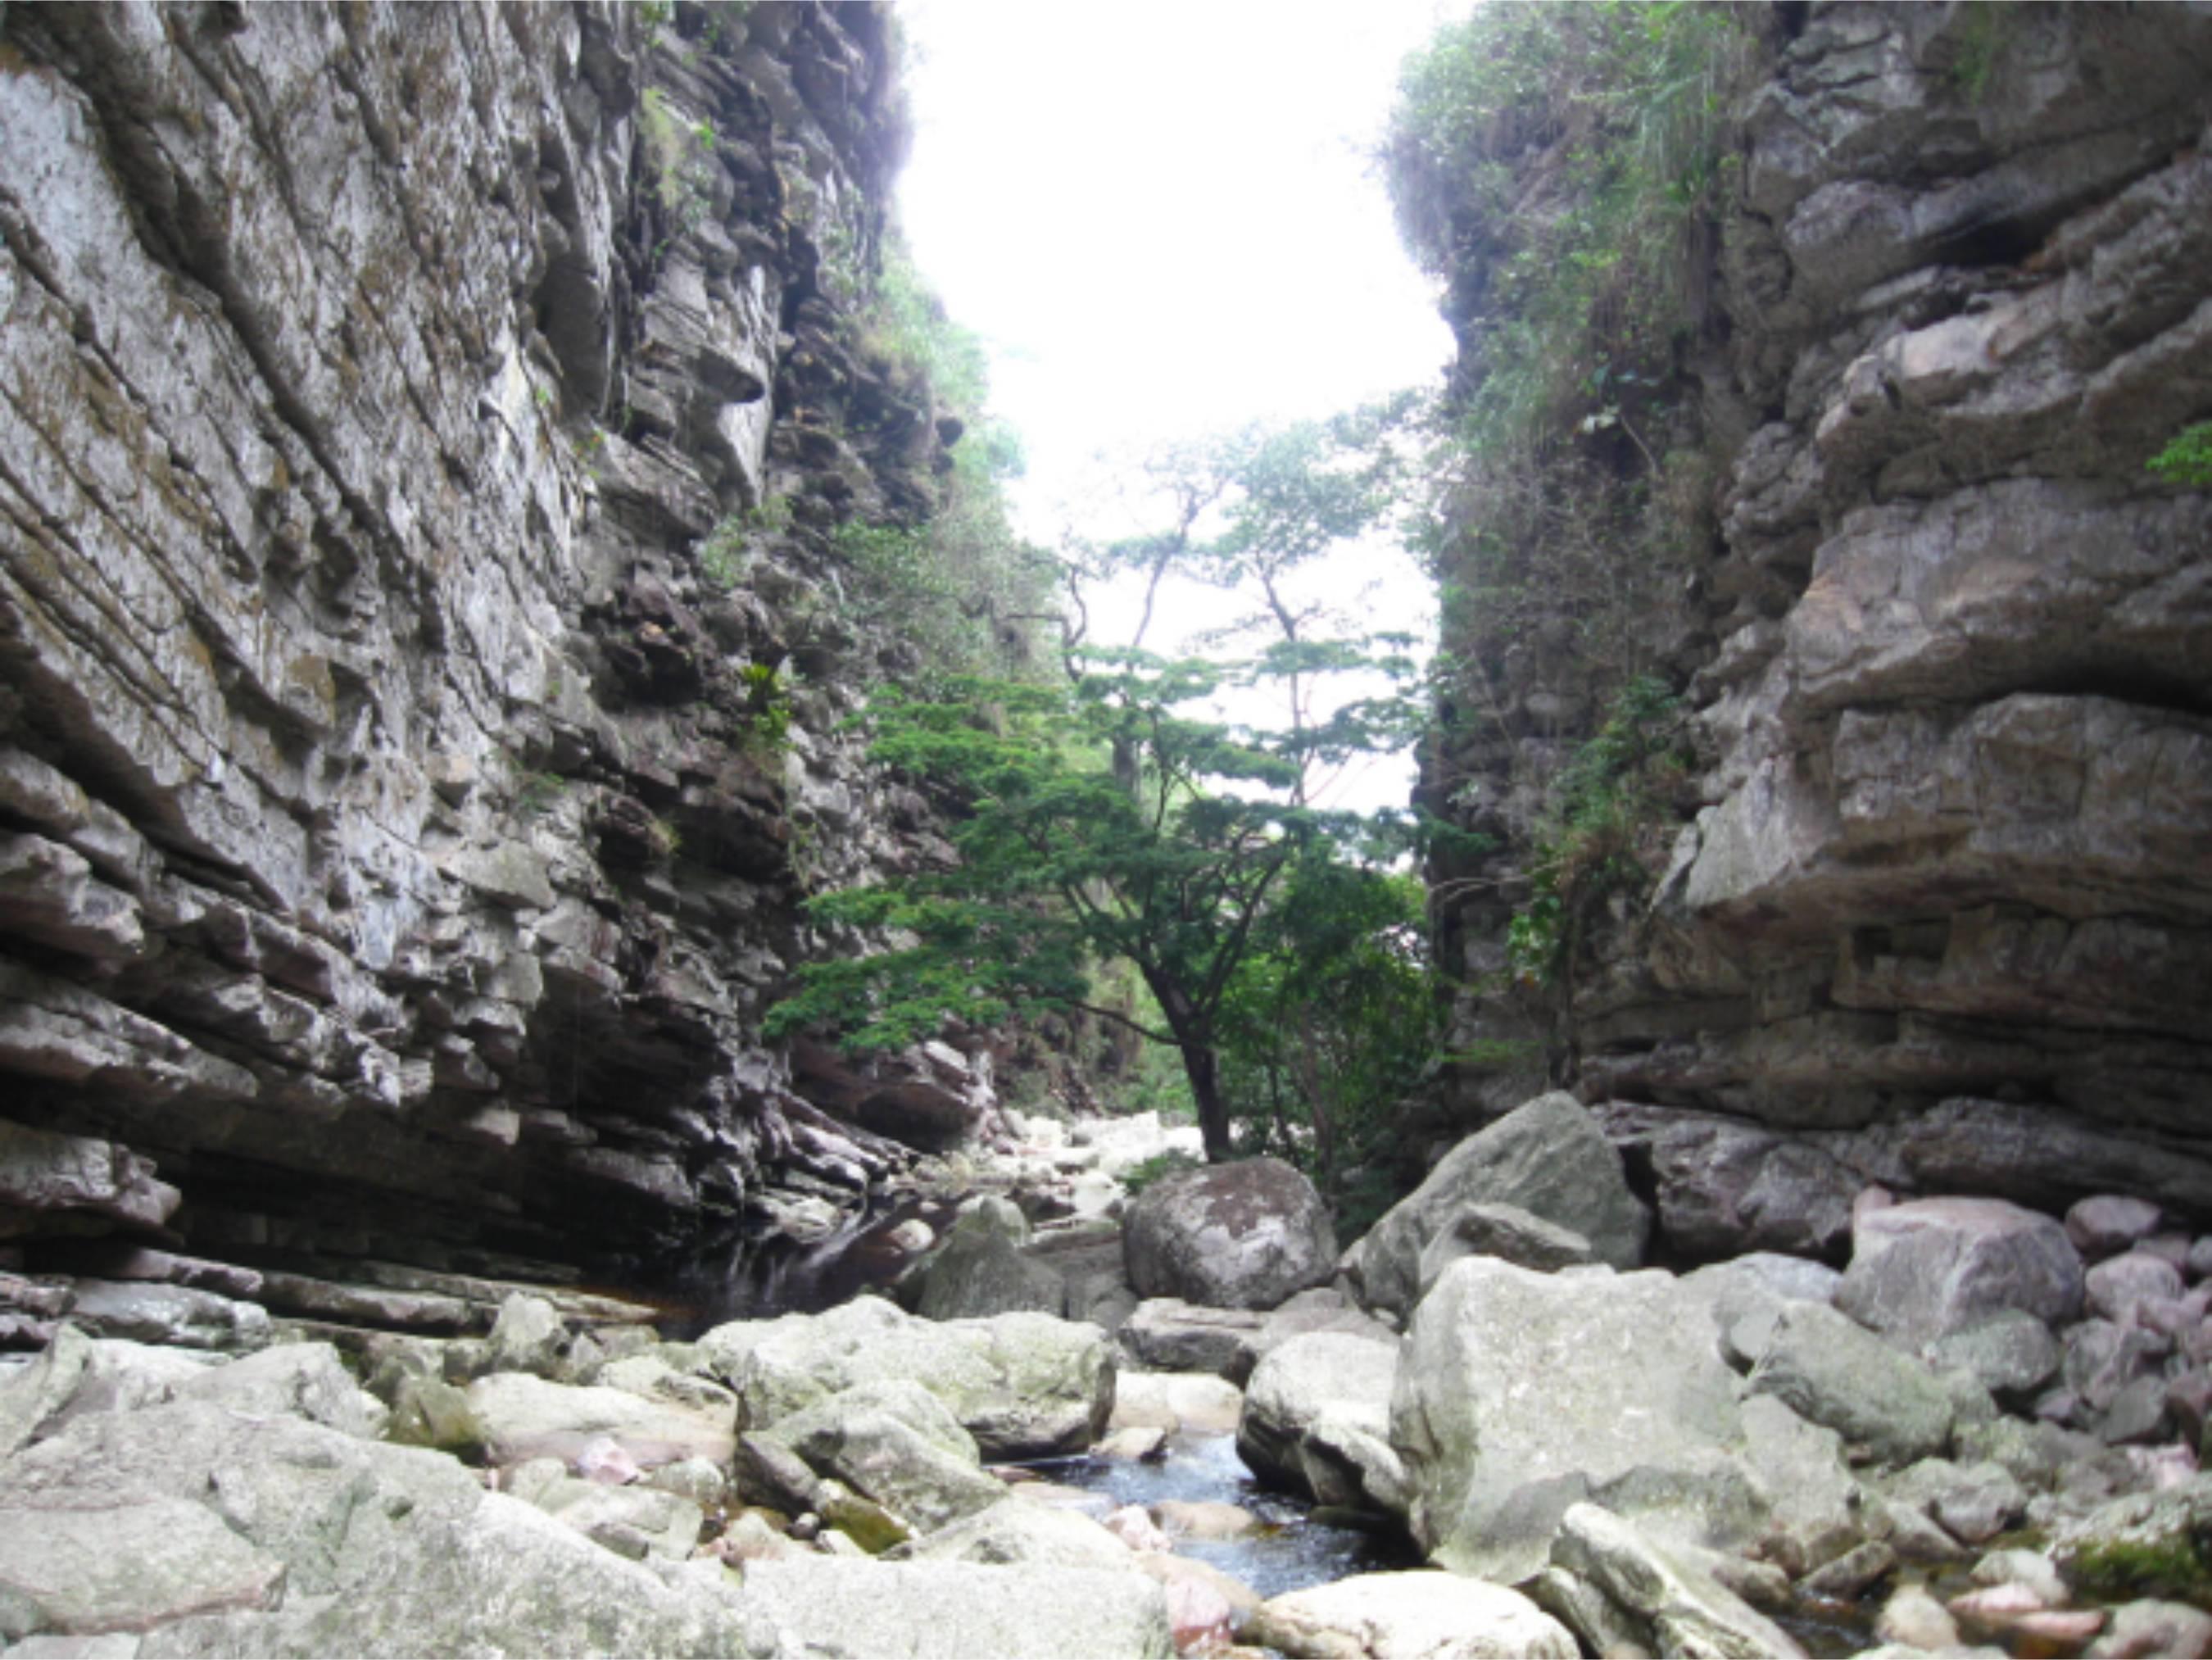 Caminho para a Cachoeira do Sossego